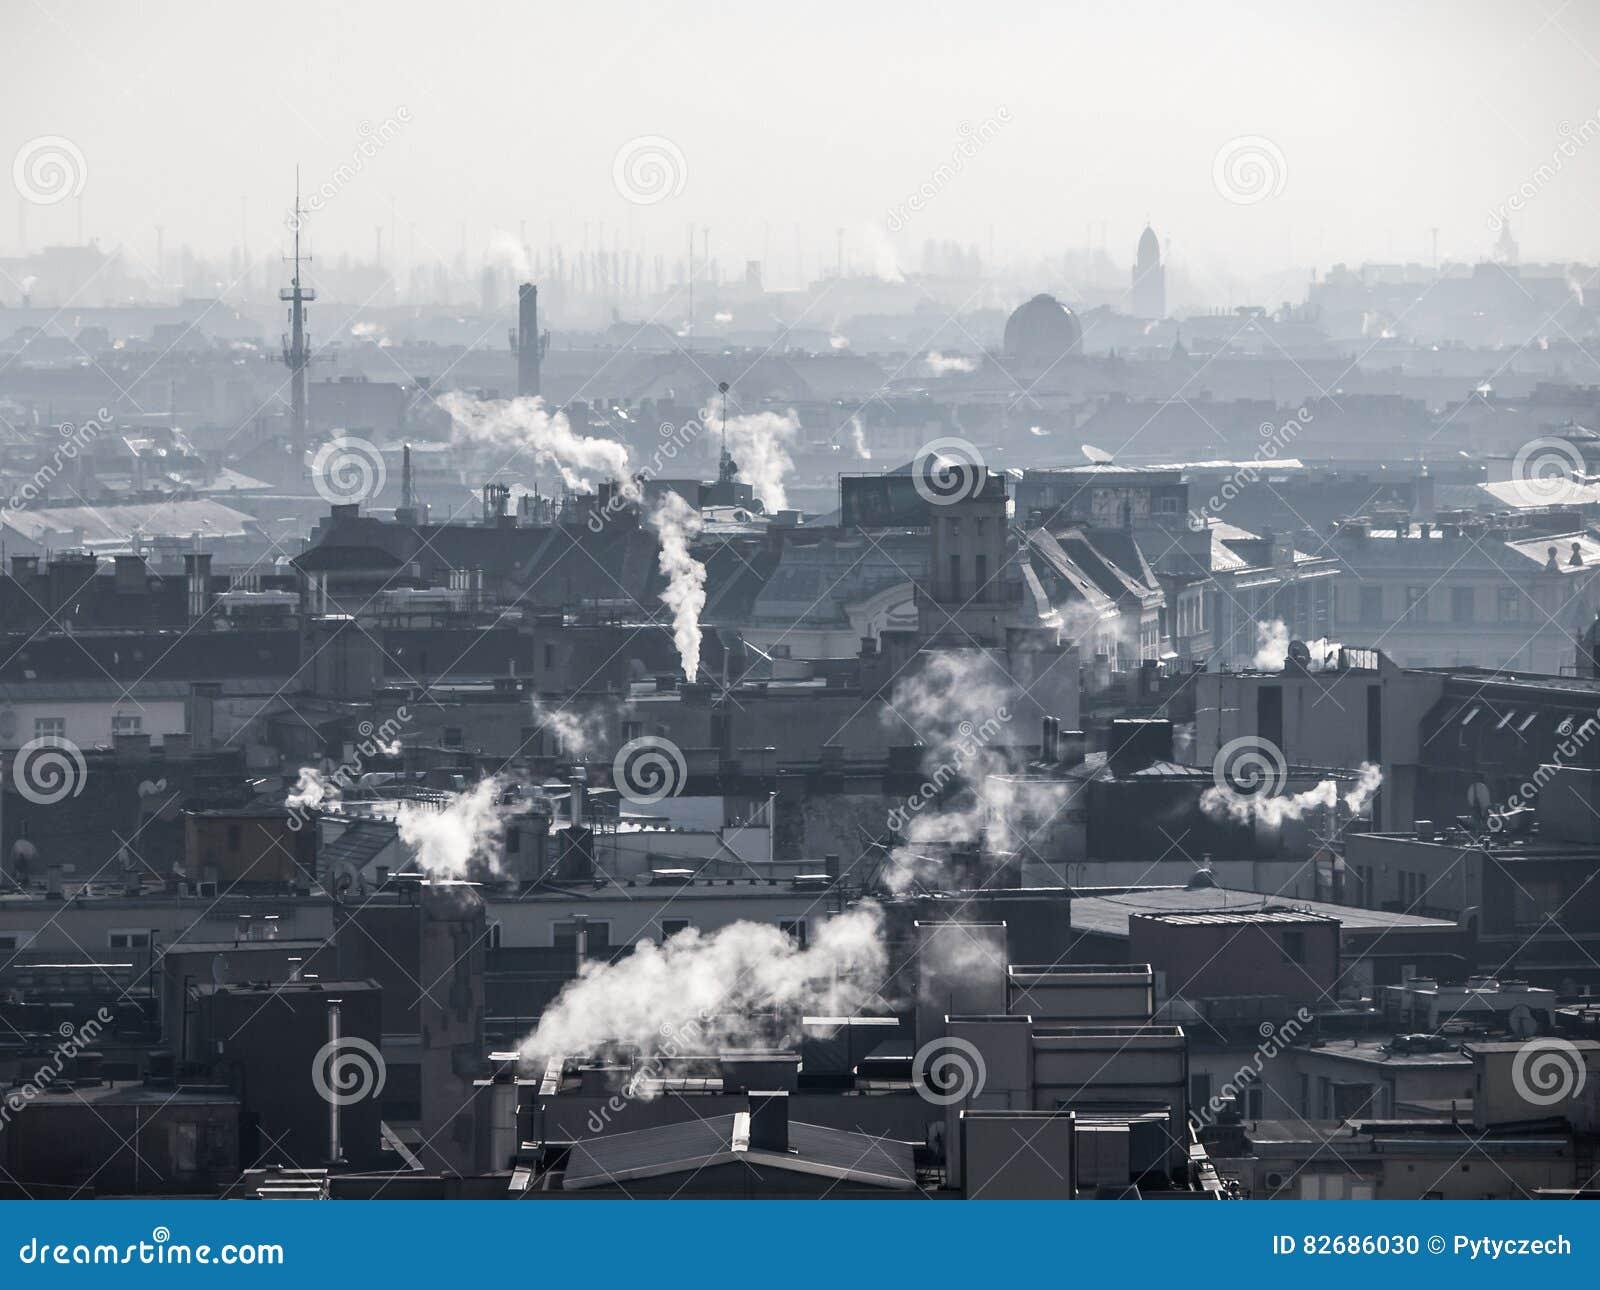 Smog - StadtLuftverschmutzung Unklare Atmosphäre verunreinigt durch den Rauch, der von den Kaminen steigt